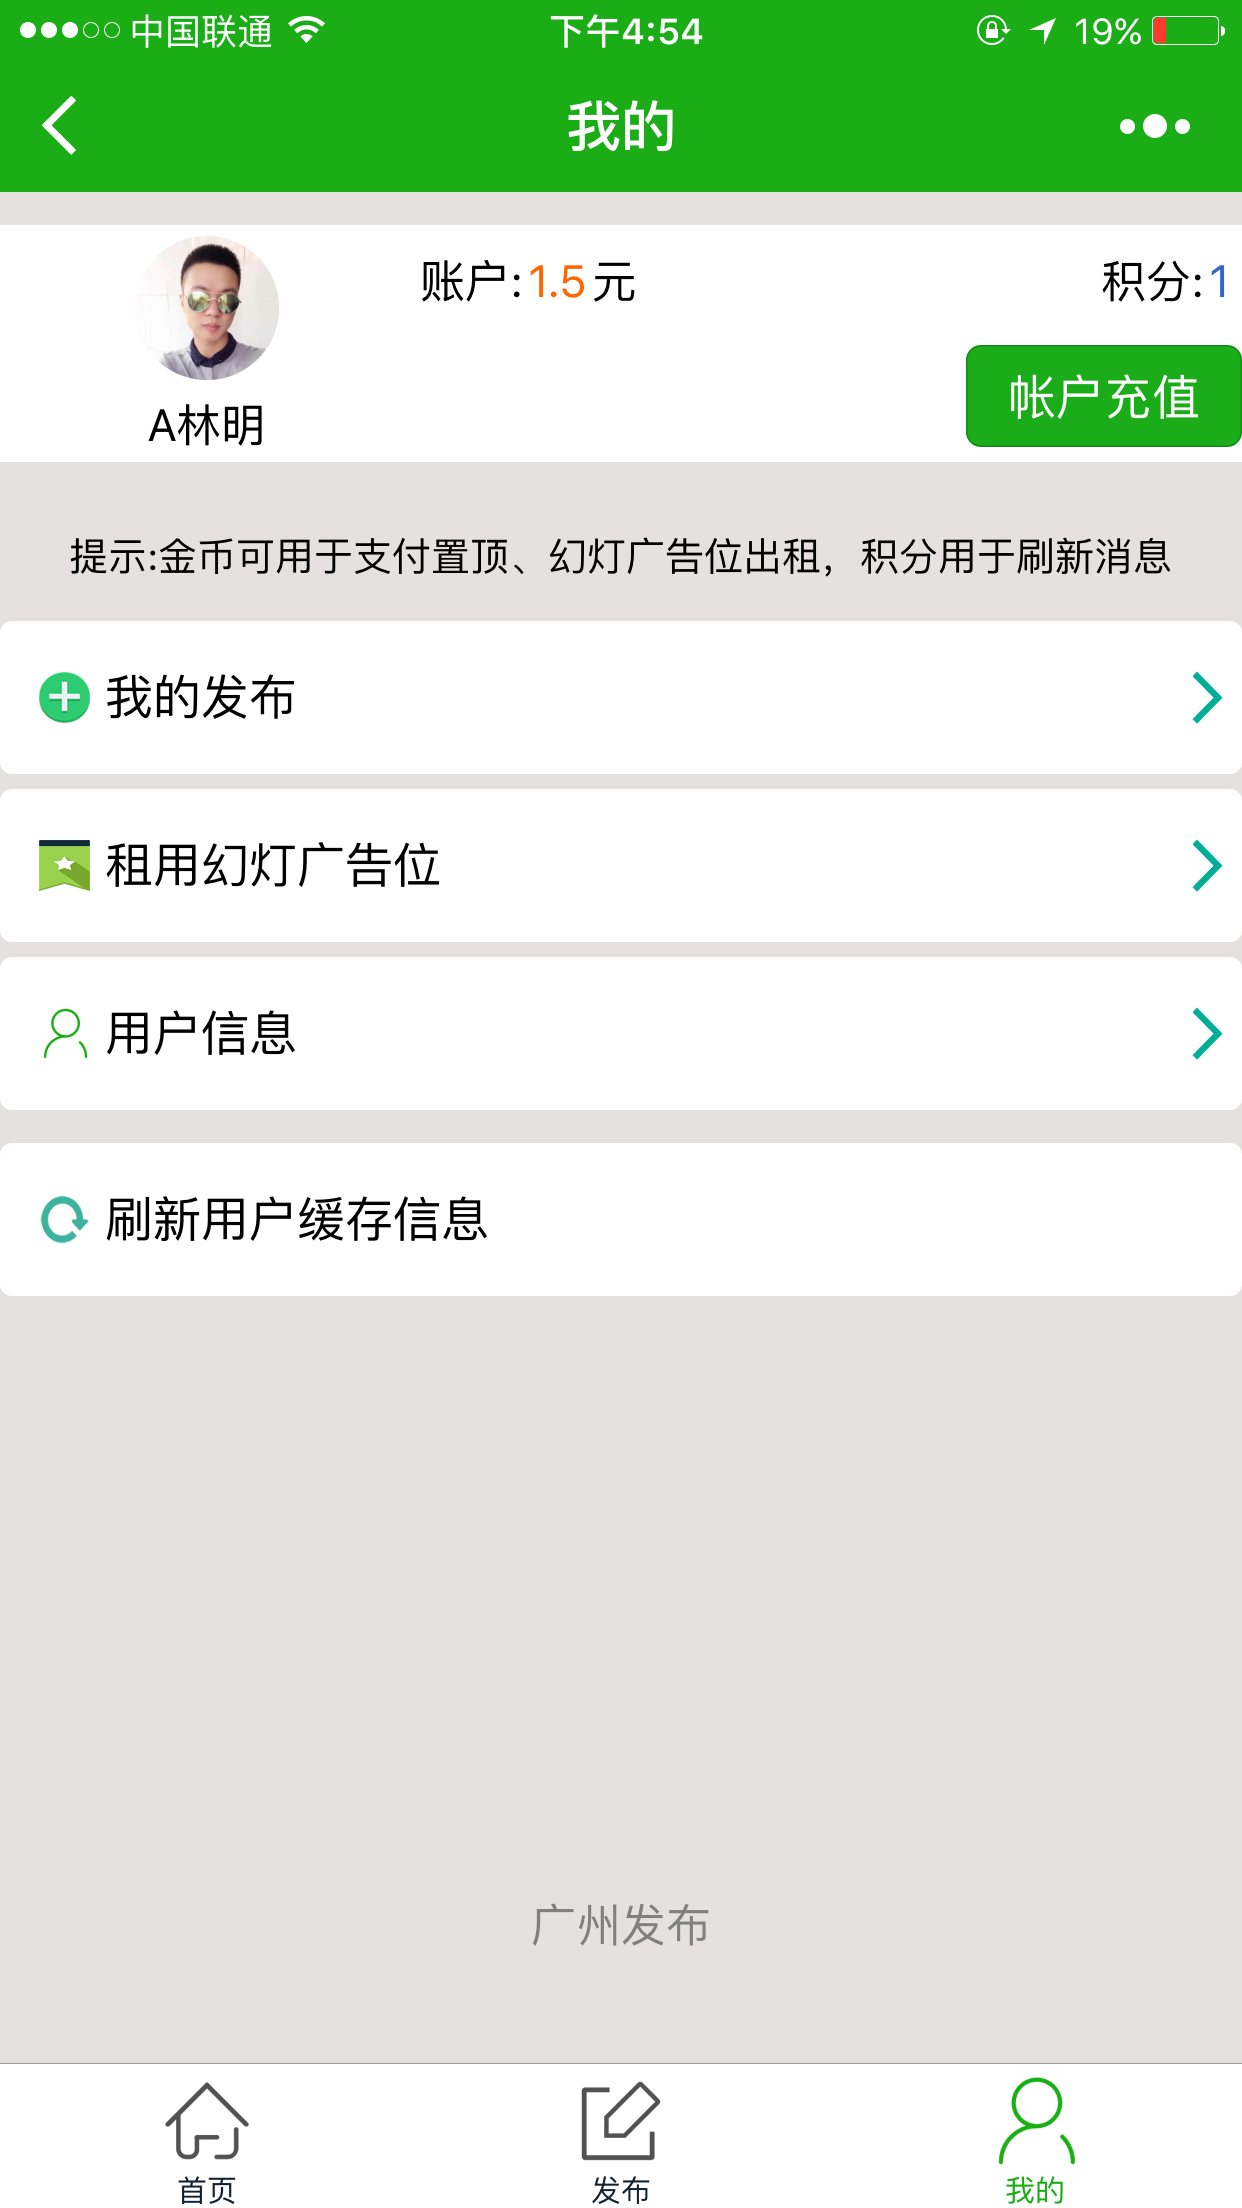 广州发布小程序